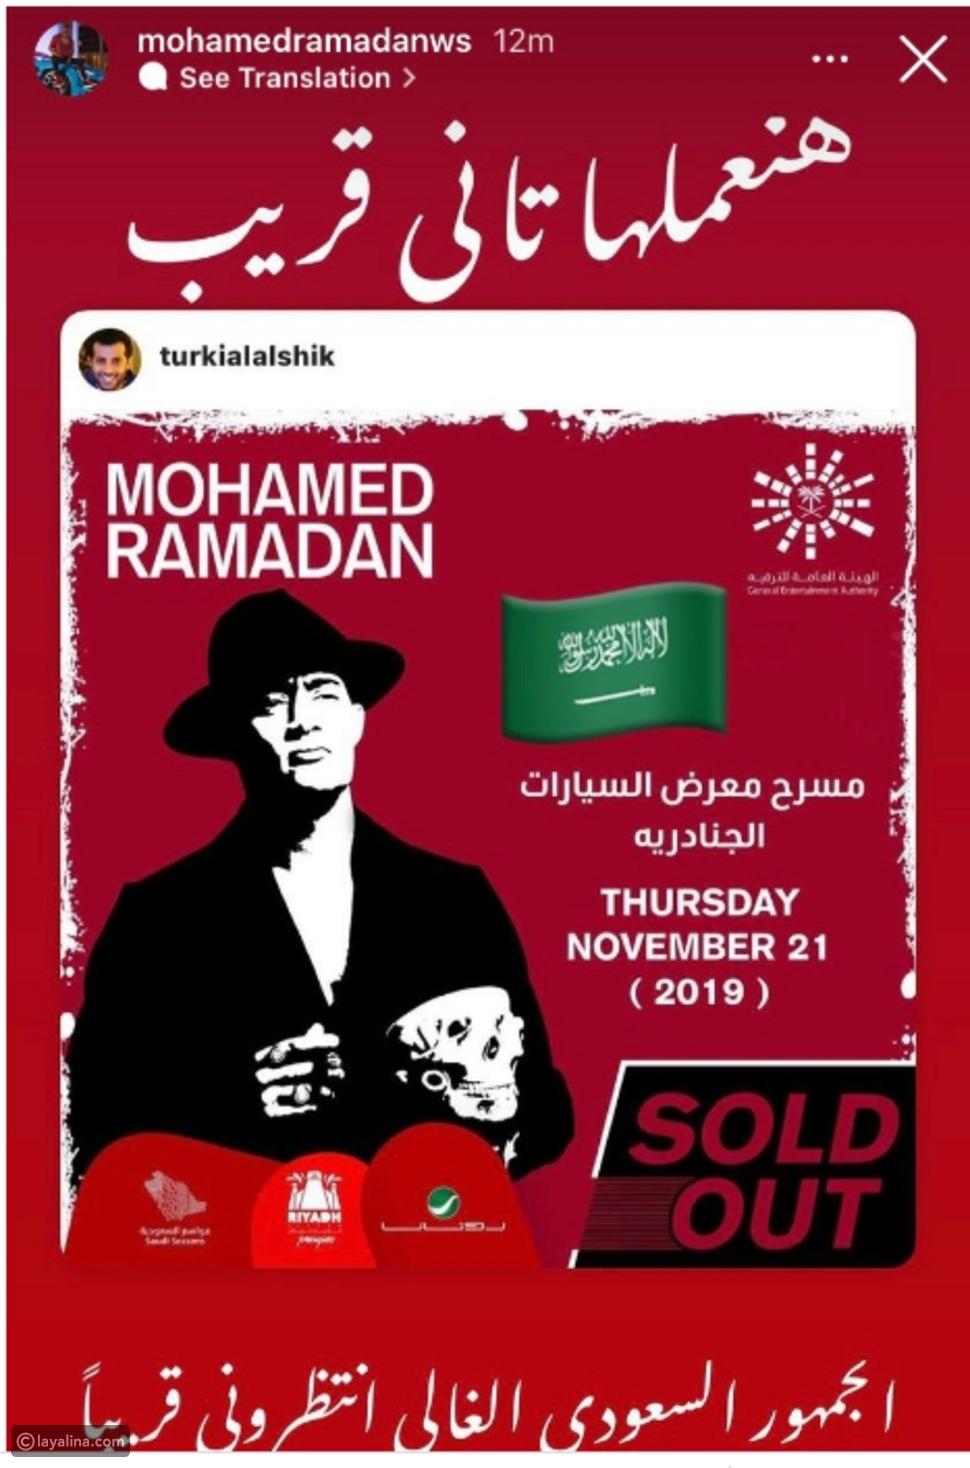 وفاة حماة محمد رمضان وانتقادات حادة له لهذا السبب